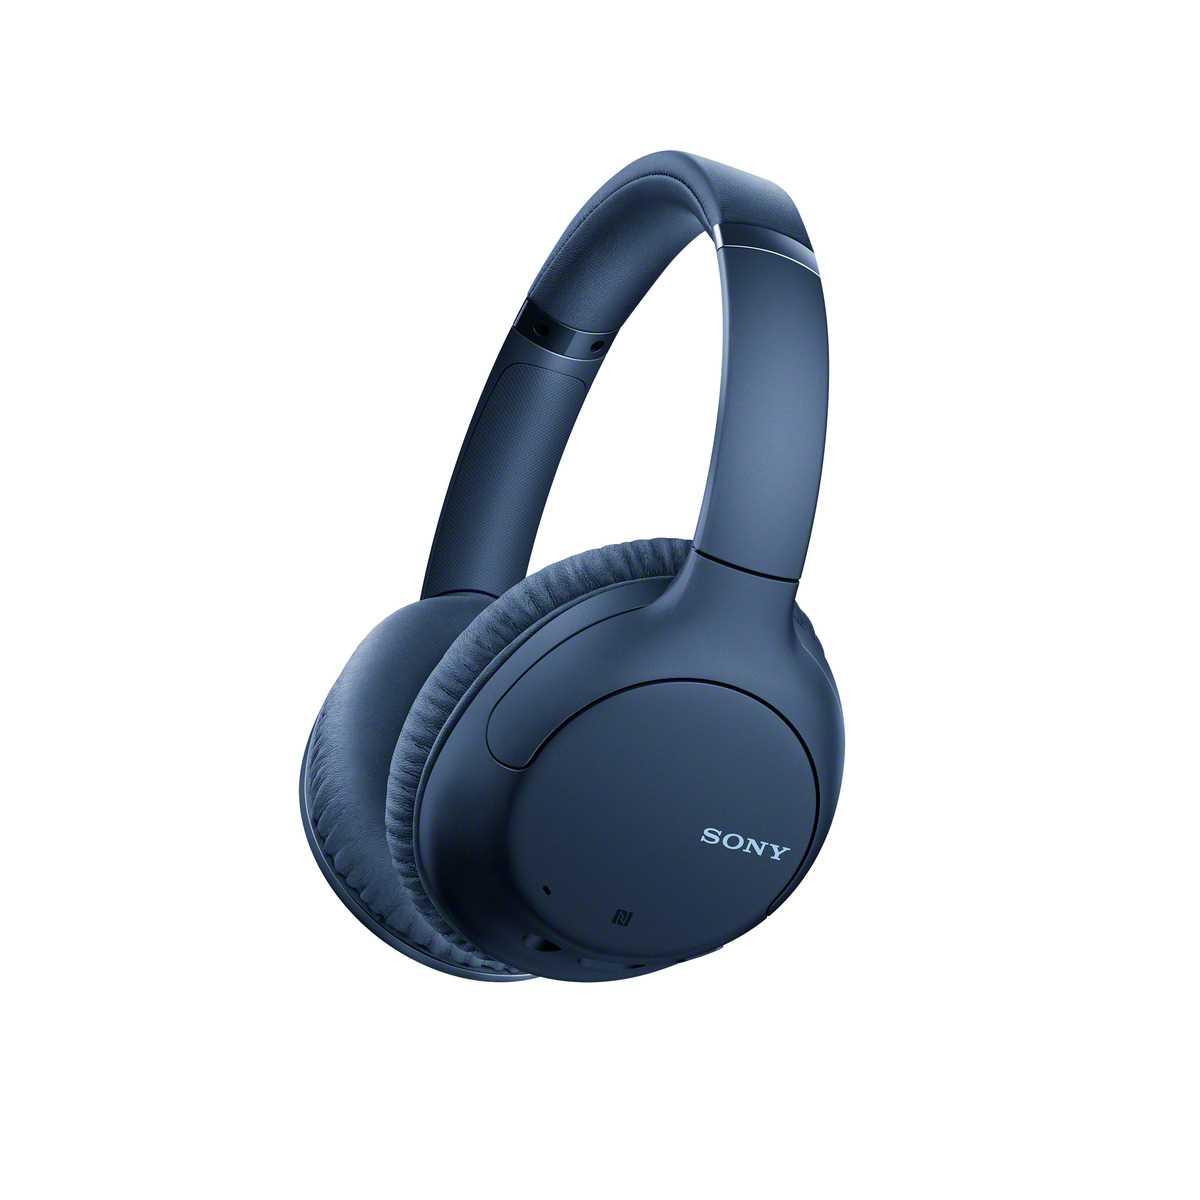 אוזניות Sony WH-CH710NL Bluetooth סוני כחולות - תמונה 1